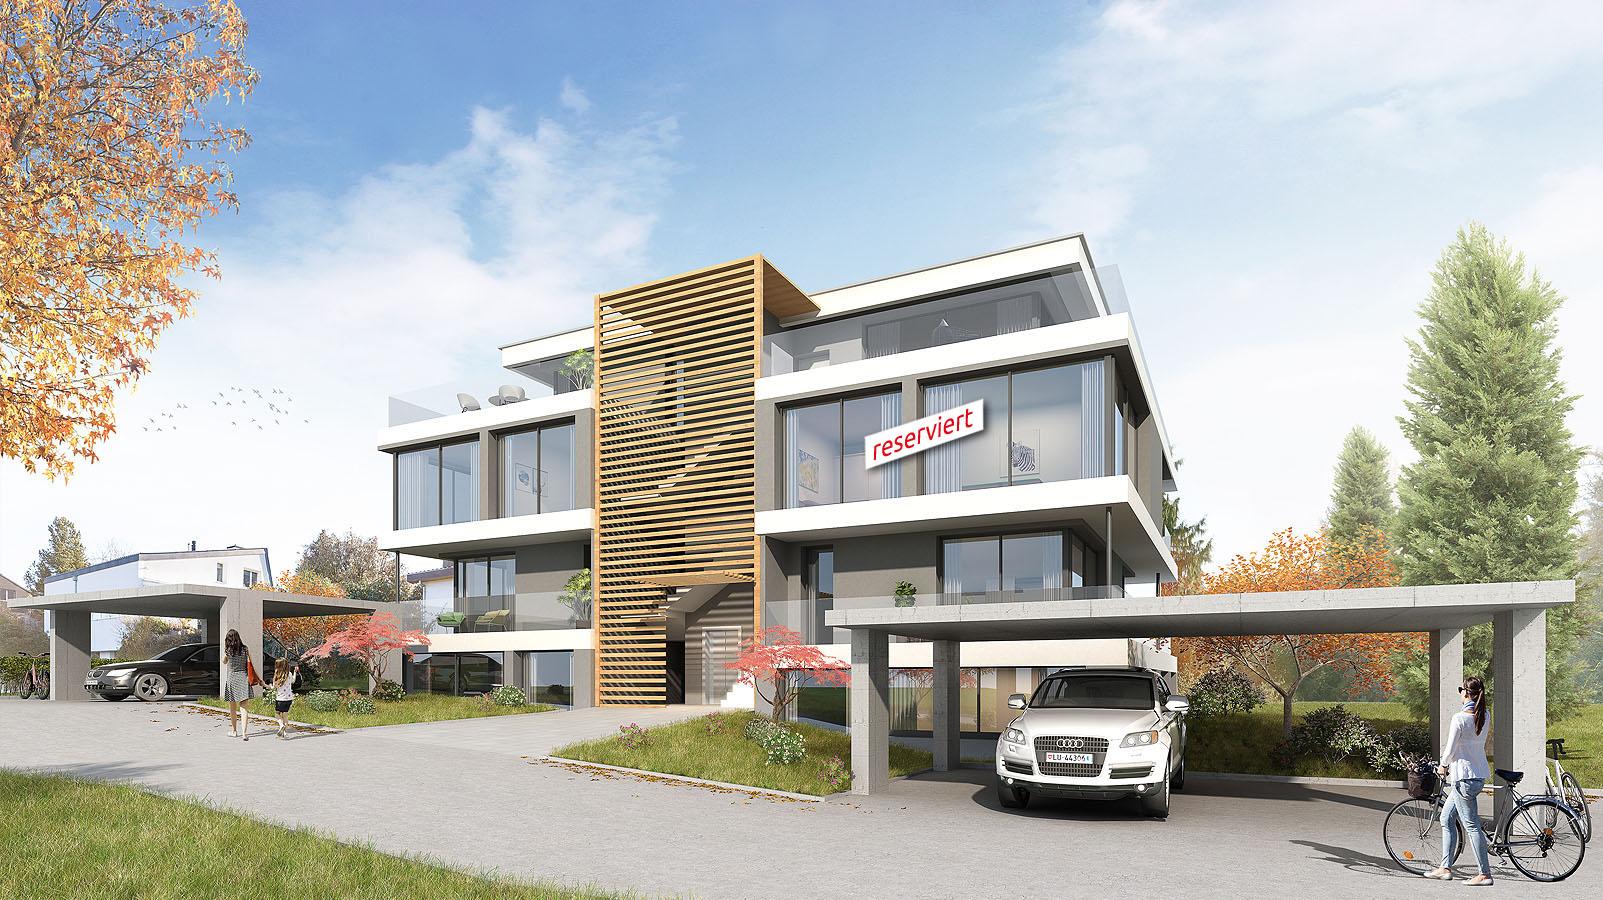 Basel/Pfeffingen, Adler-Residenz